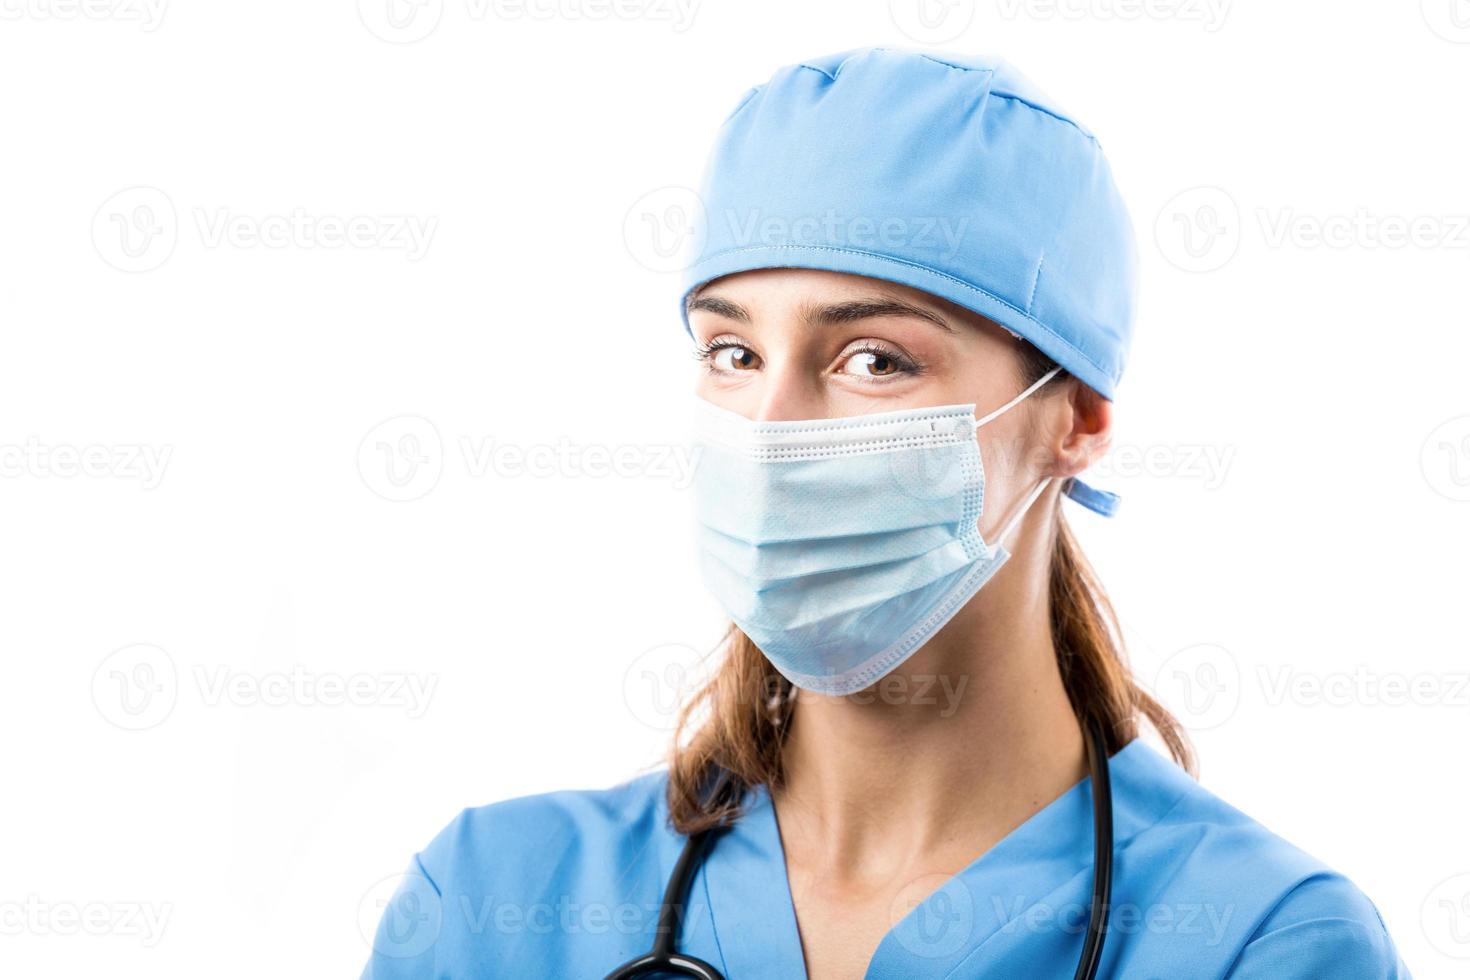 jeune docteur souriant avec un stéthoscope photo